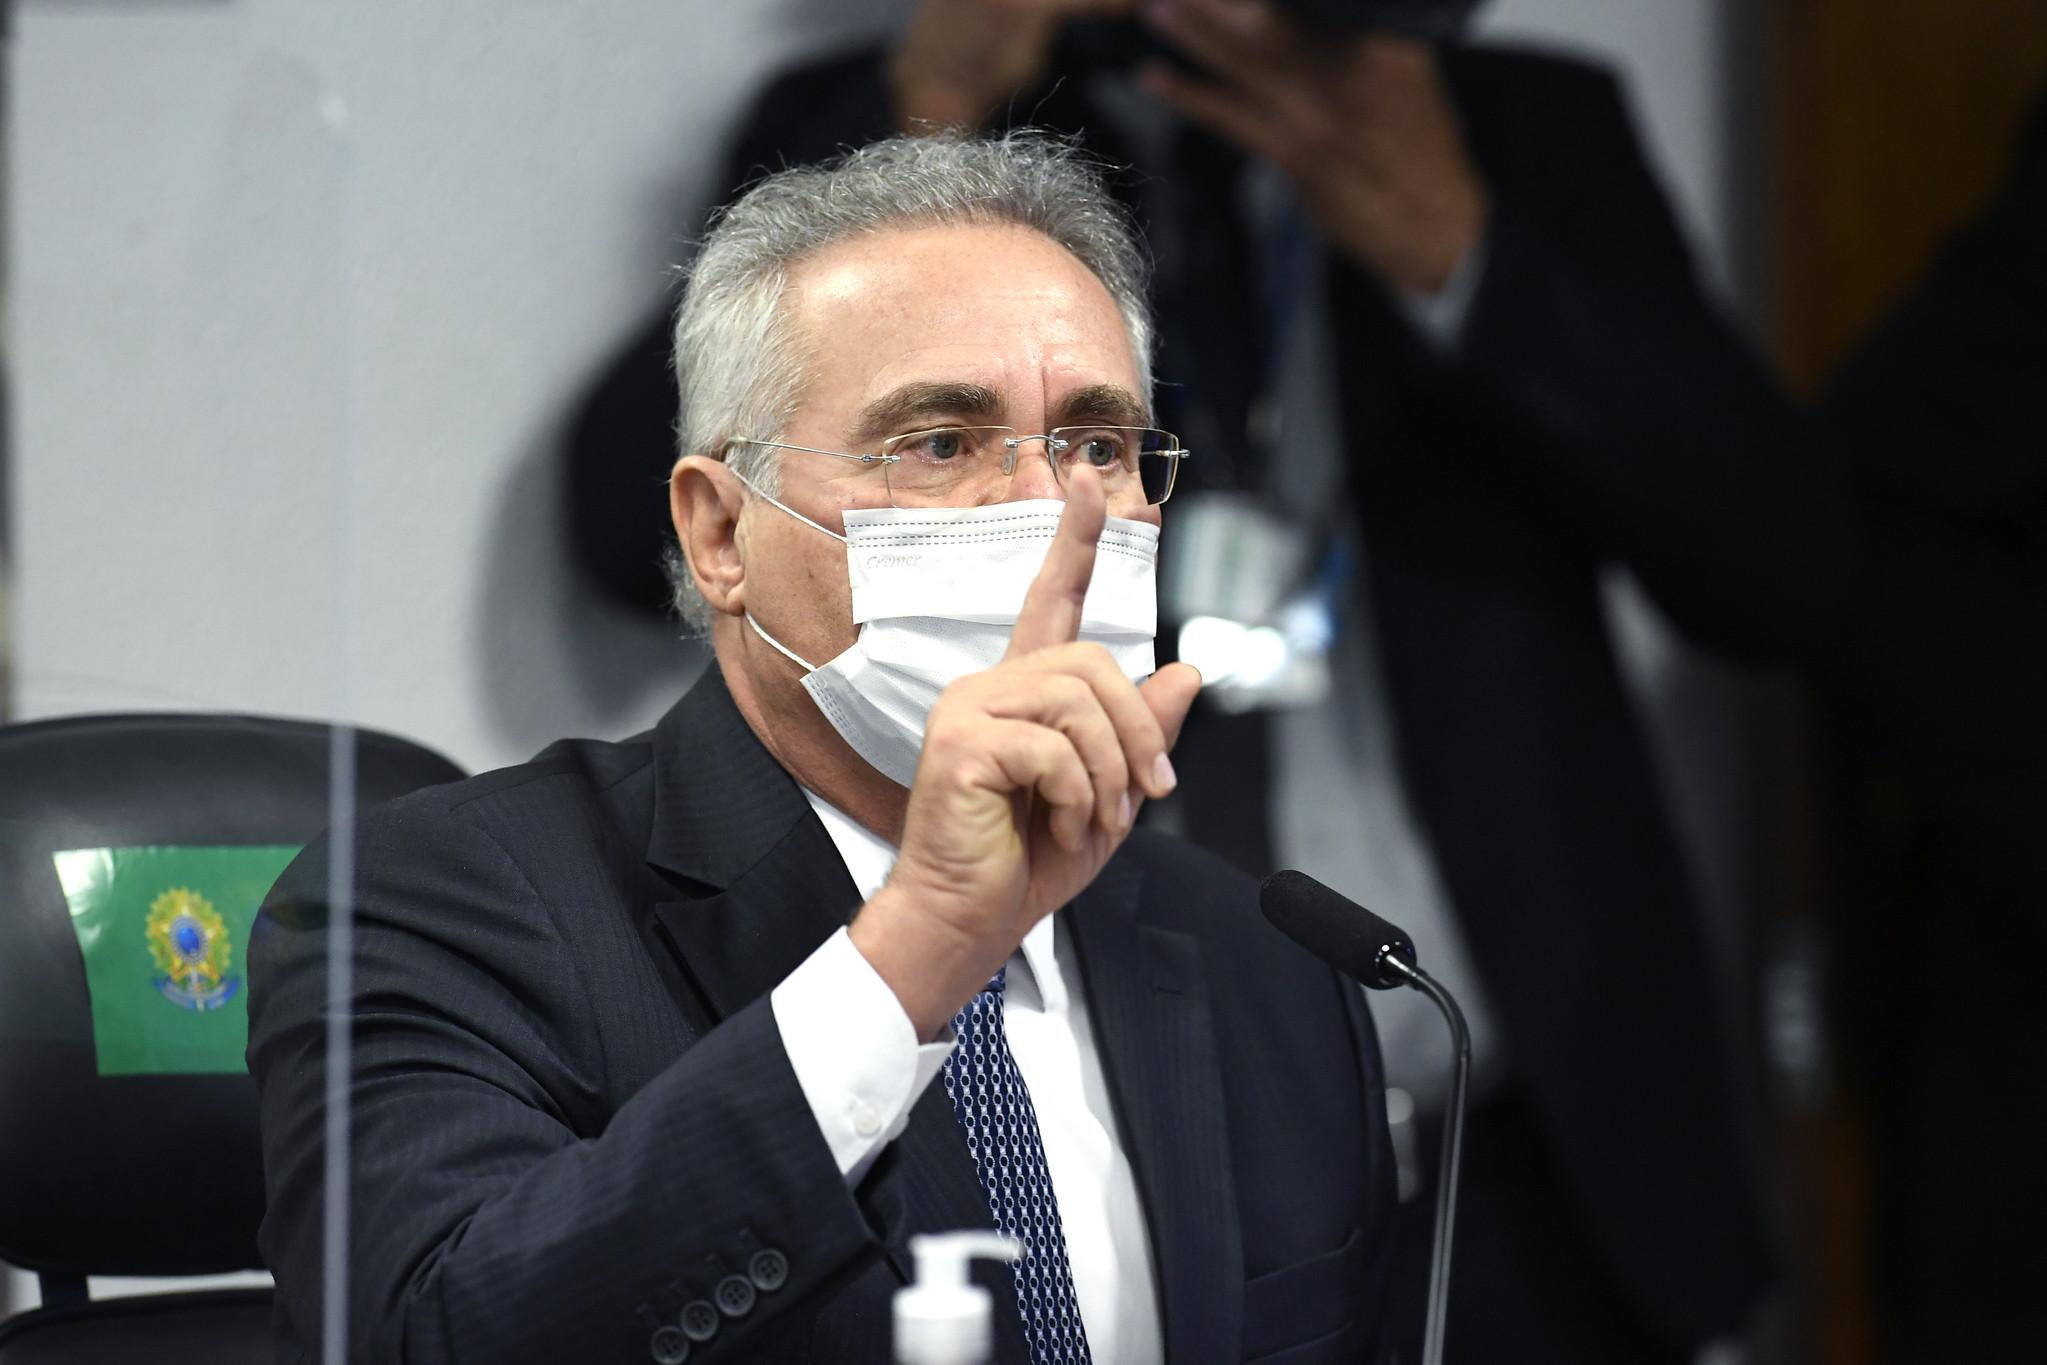 Barroso prorroga prazo de investigação da PF contra Renan